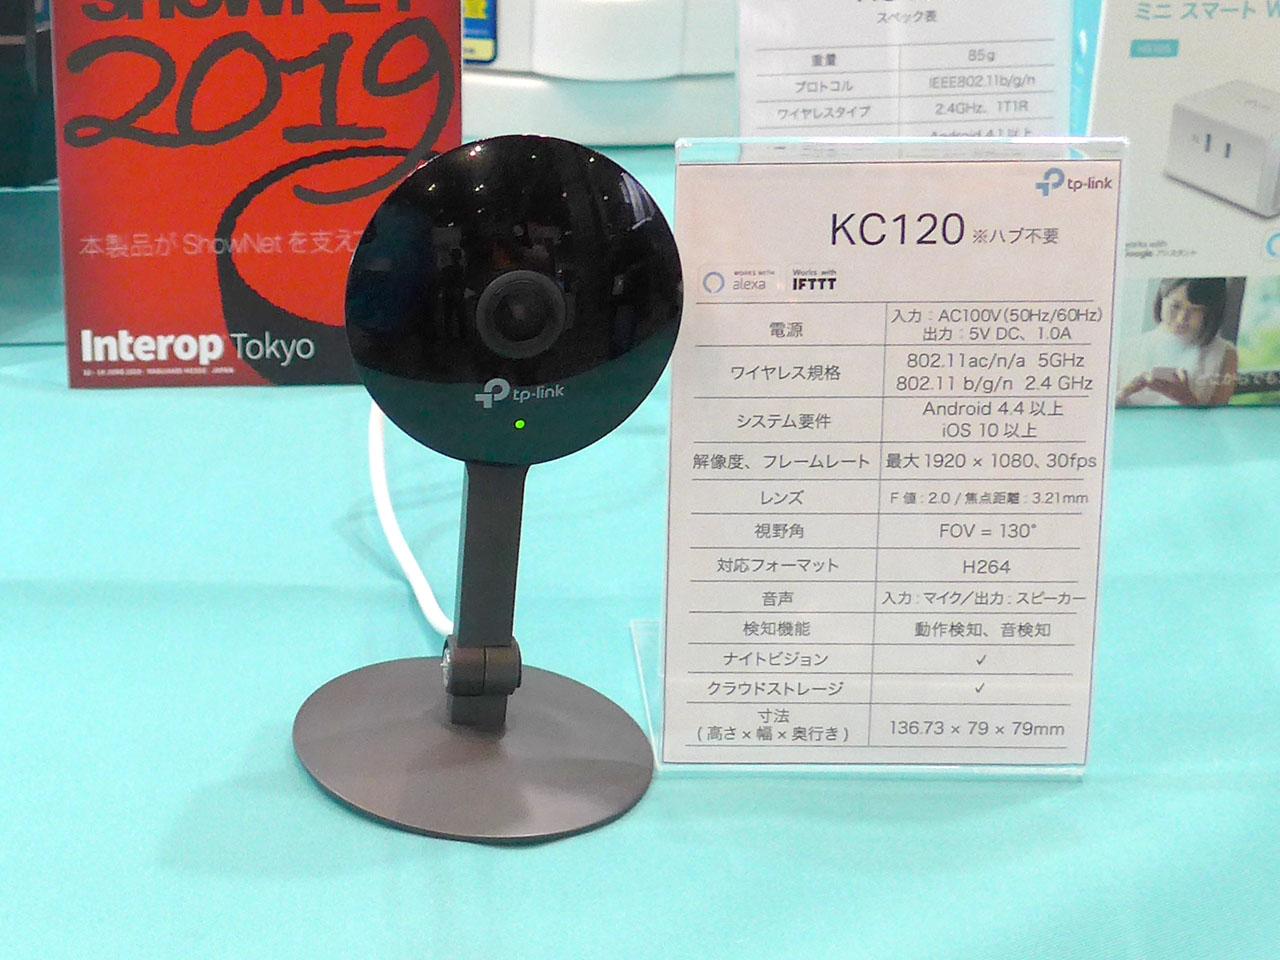 クラウド録画に対応したネットワークカメラ「Kasaカメラ Pro KC120」